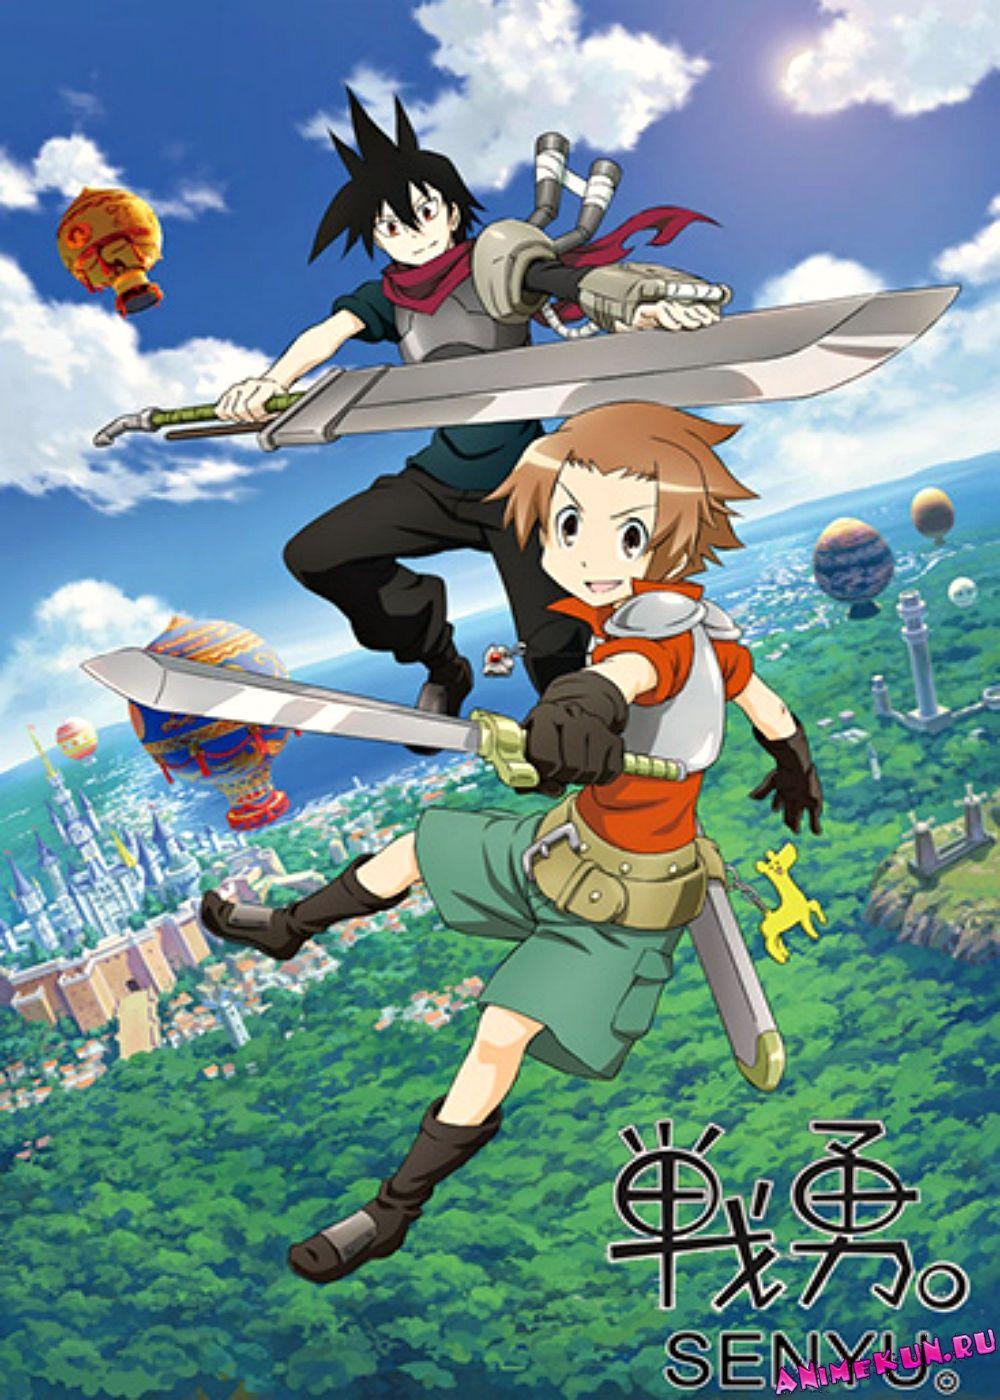 Pin by Bianca on Animes que já assisti Anime canvas